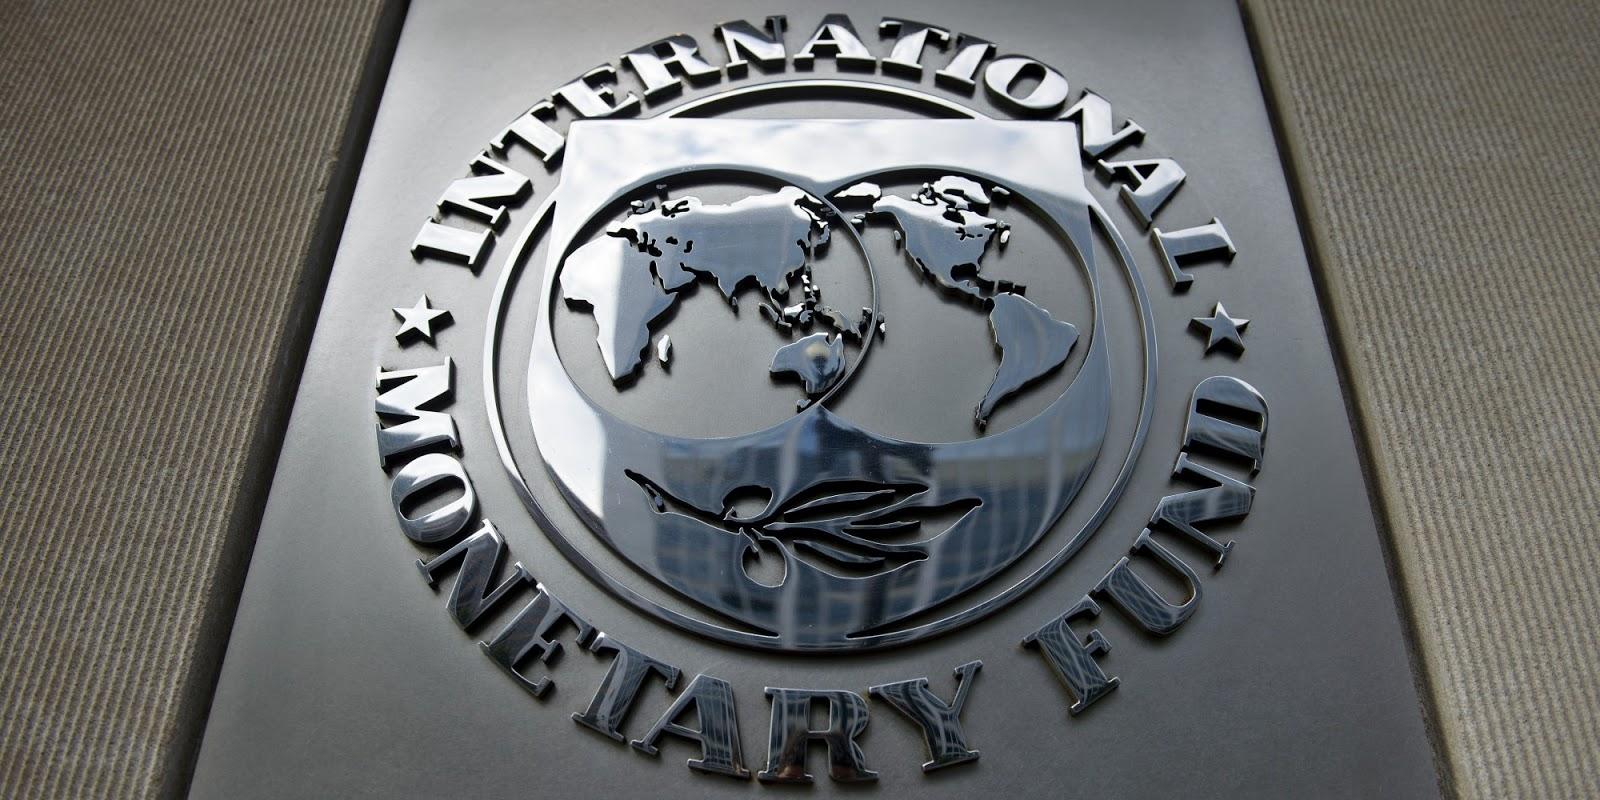 imf-bankalara-onemli-uyarida-bulundu